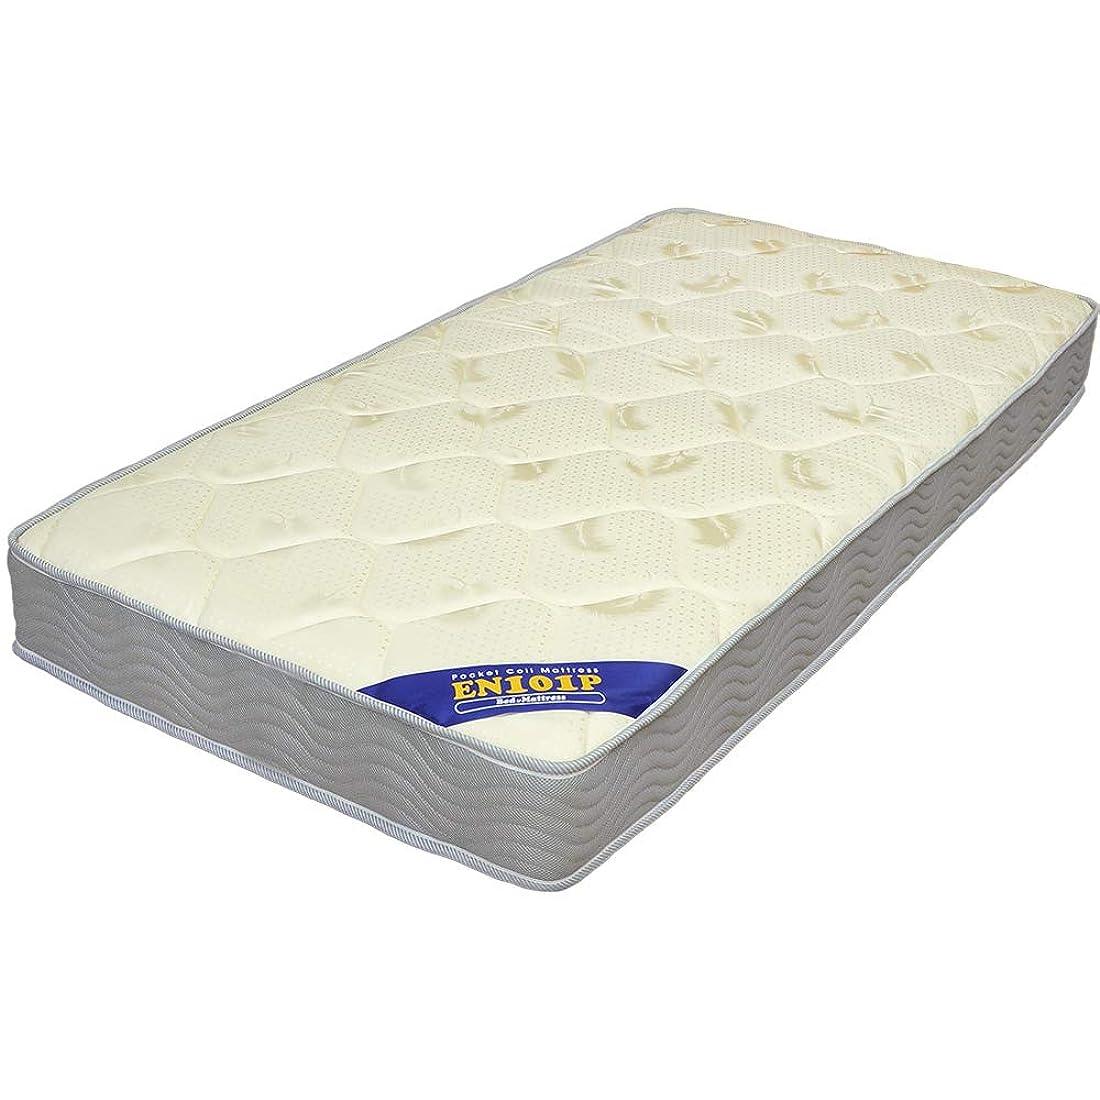 マットレス ポケットコイル EN101P (ダブル(幅140cm)) ベッド ベッドマットレス